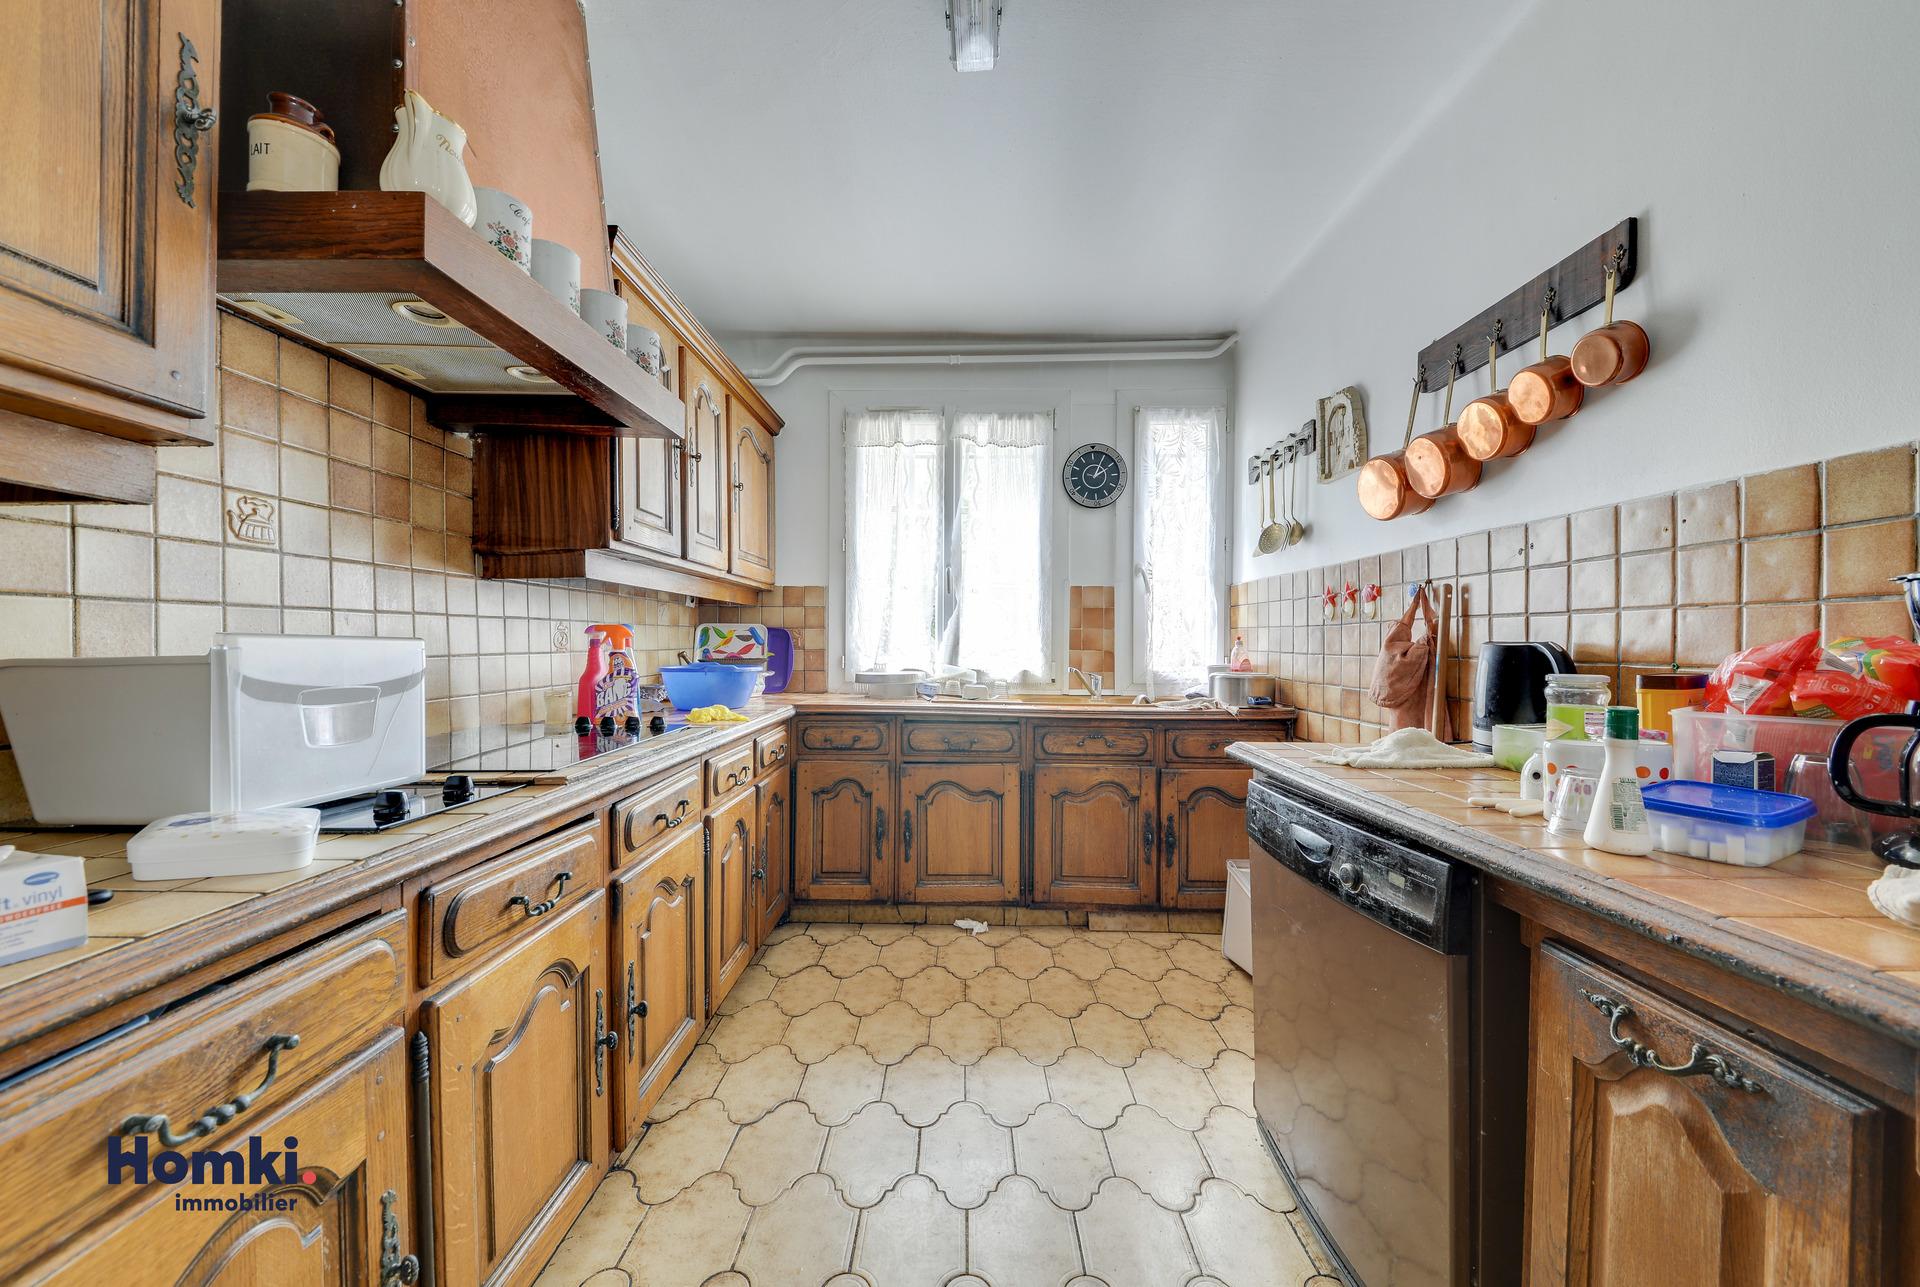 Vente maison 160m² T7 13013_5